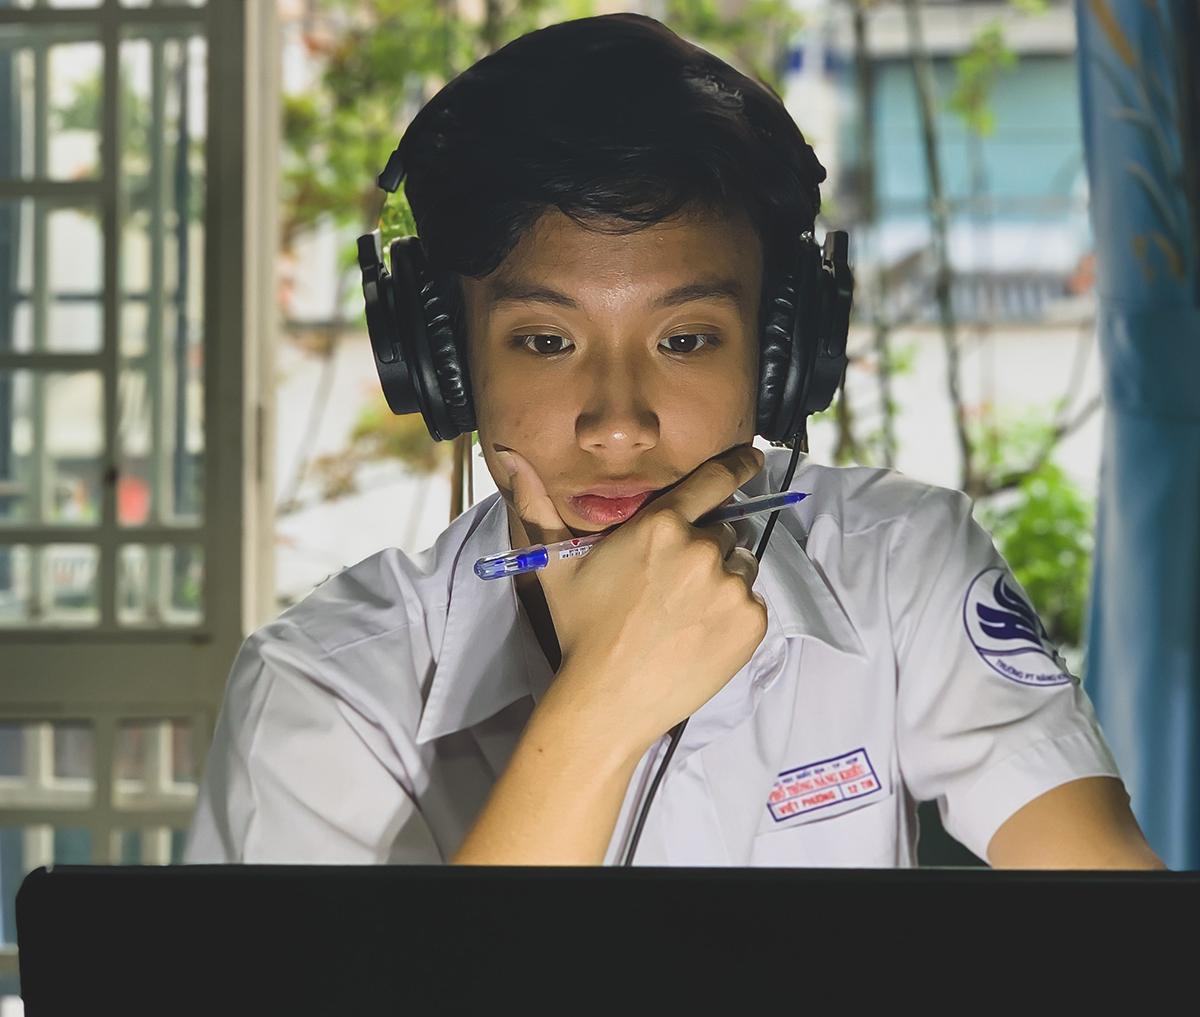 Võ Việt Phương trong buổi học online ngày 18/2. Ảnh: Lê Nam.